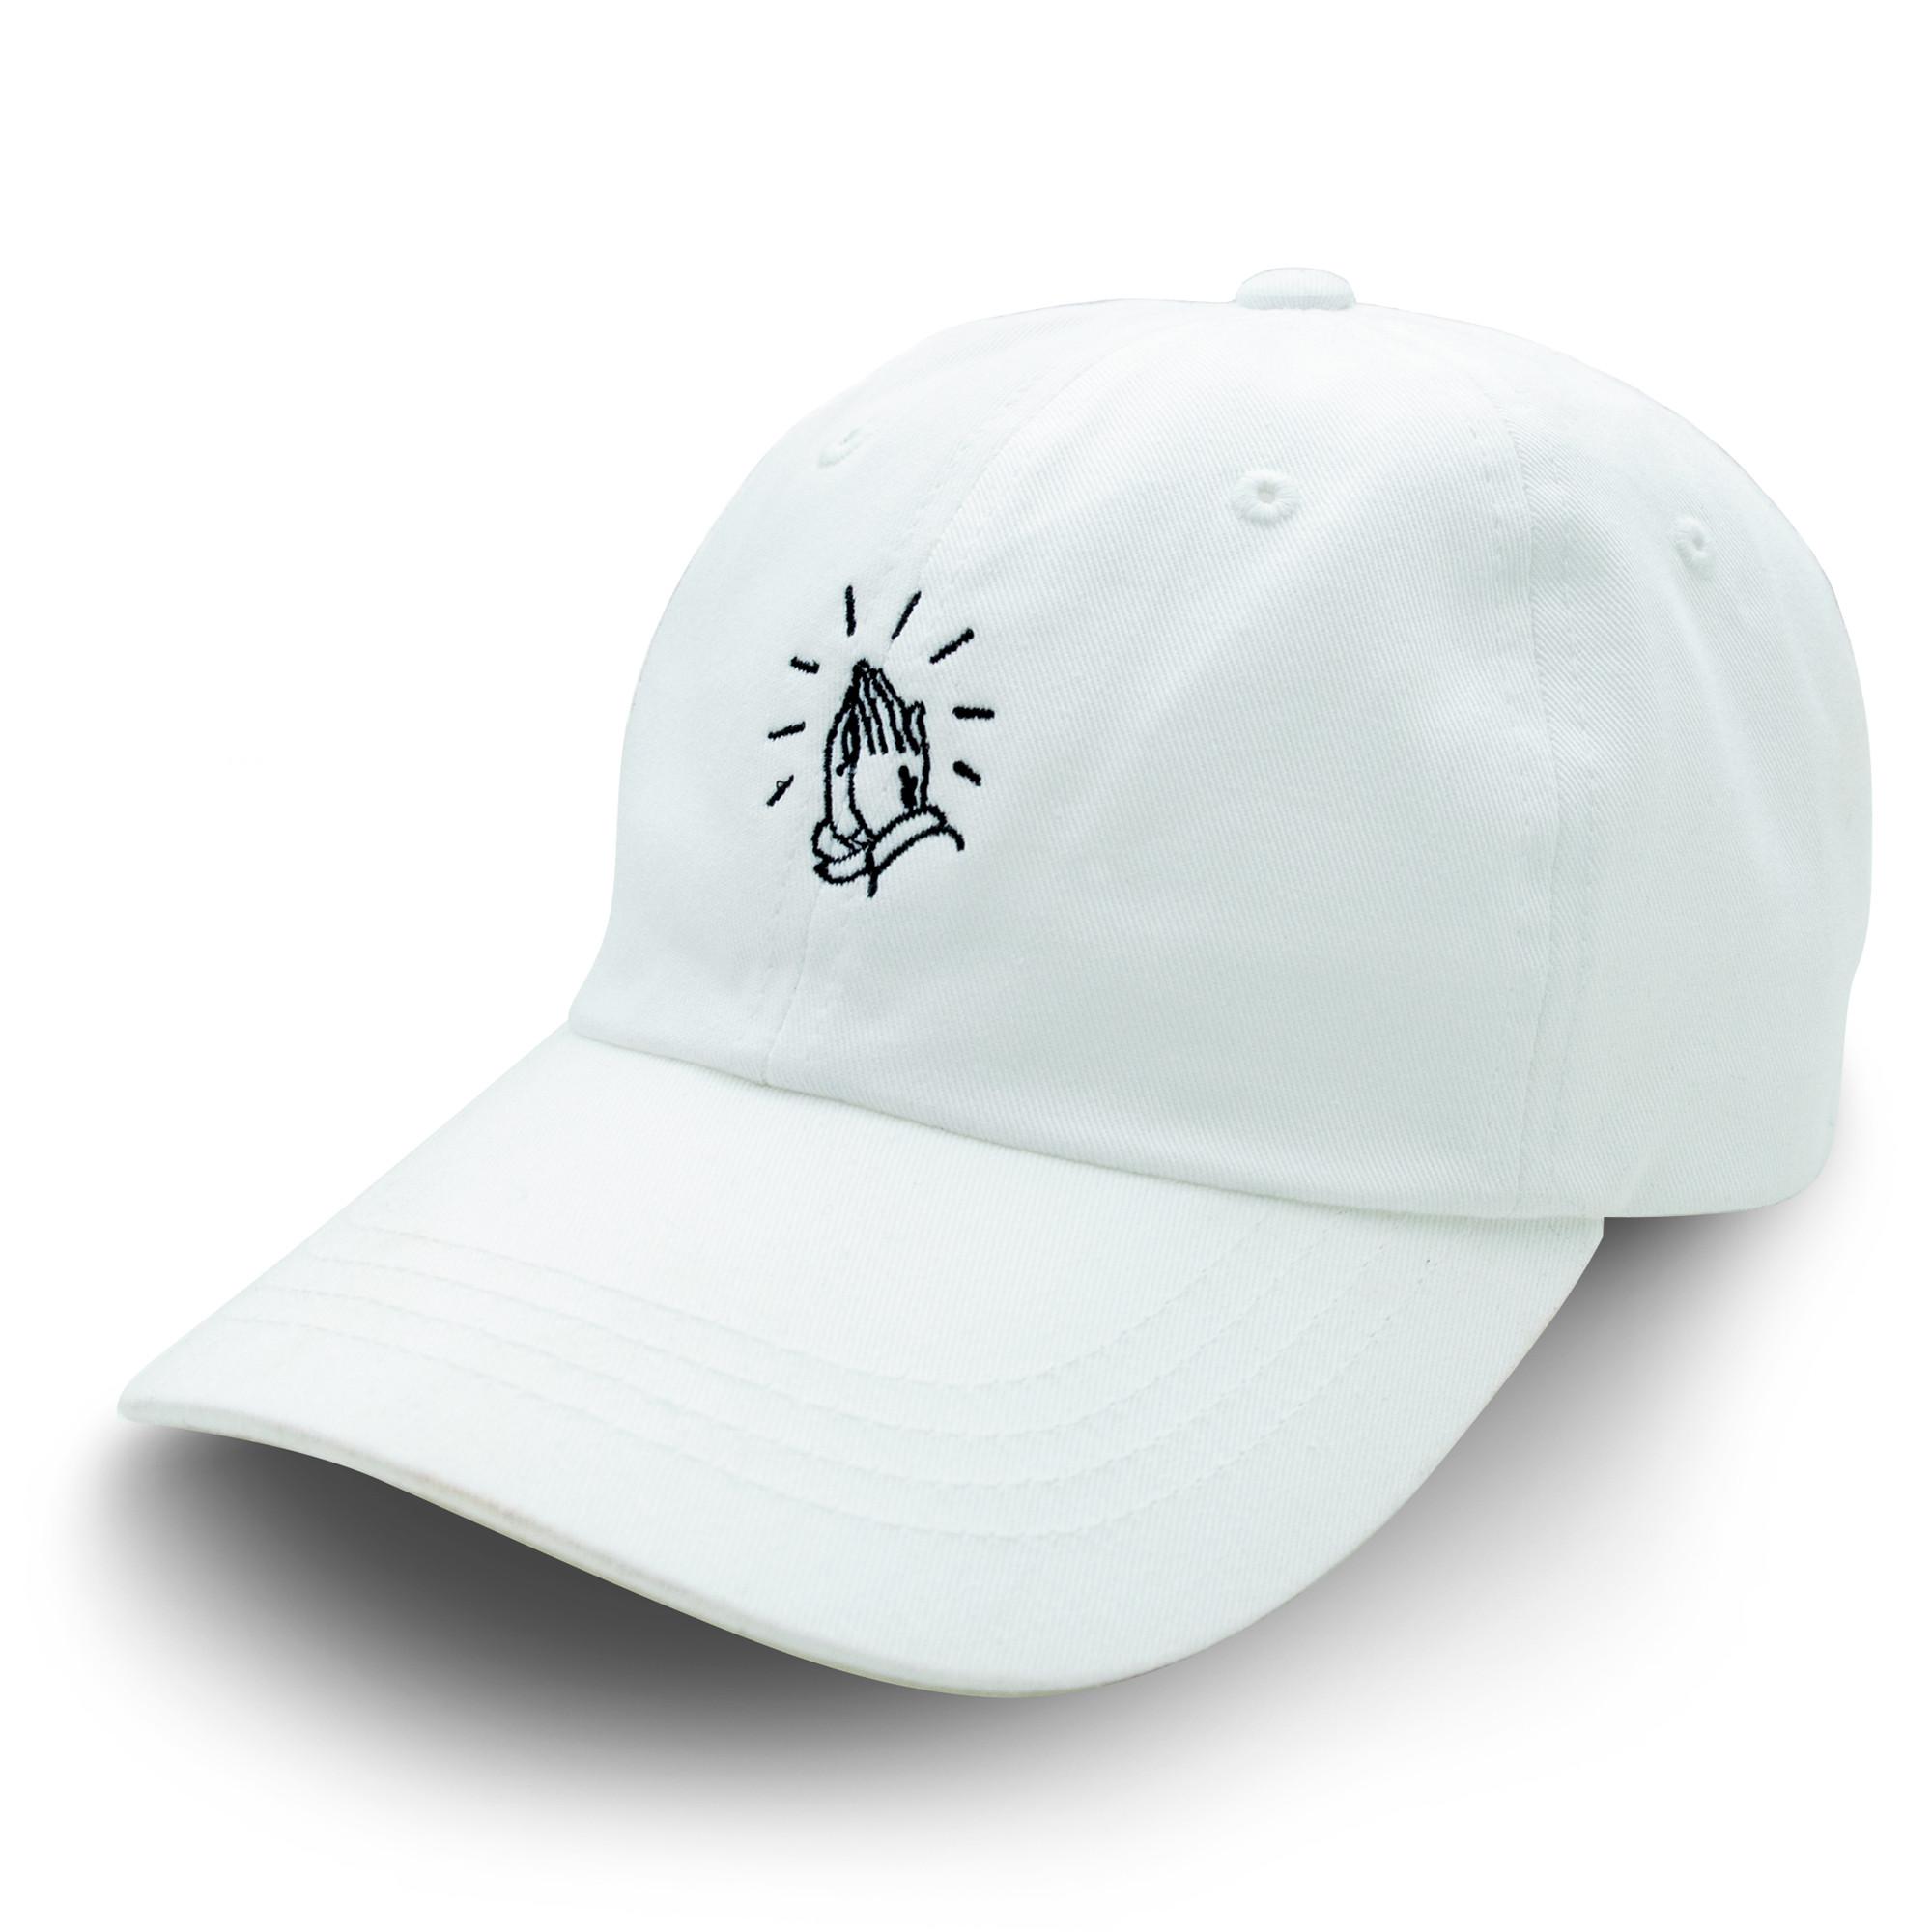 STU-DADHAT-GLORY-WHITE-1_7b917650-9f30-4af9-8353-bcf878451134.jpg